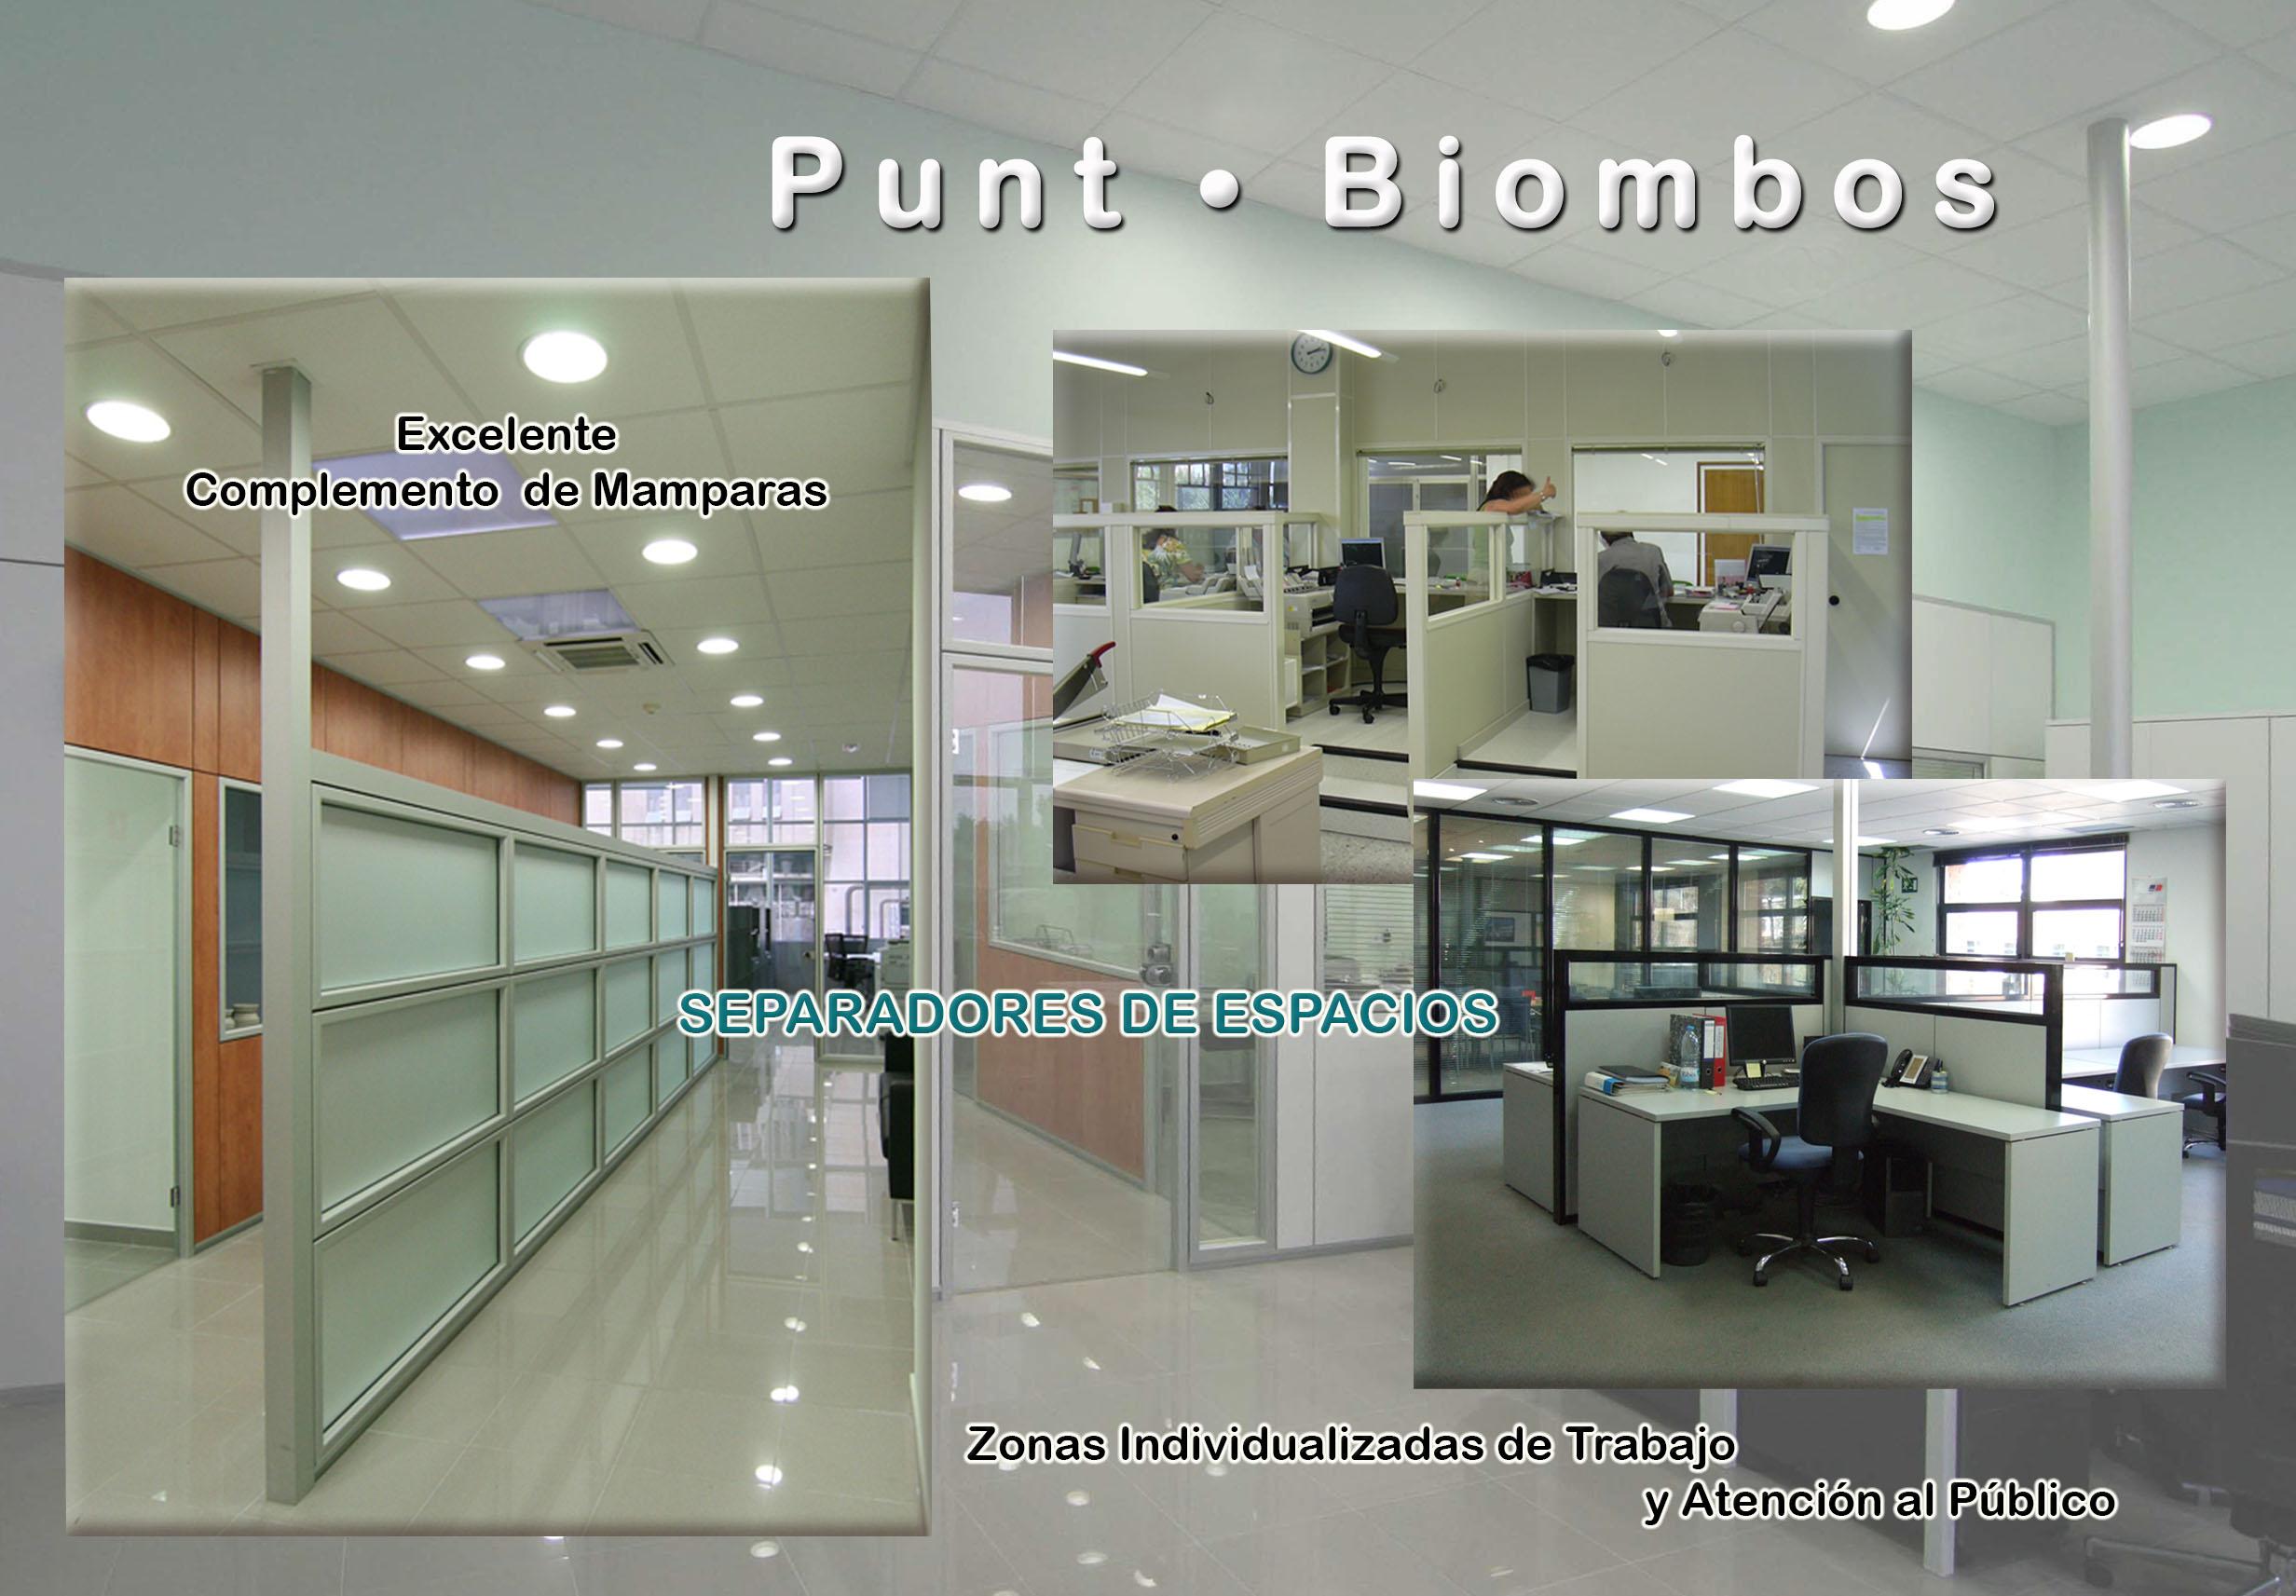 Biombos para oficinas en Barcelona, biombos para despachos en Barcelona, Punt - Biombos